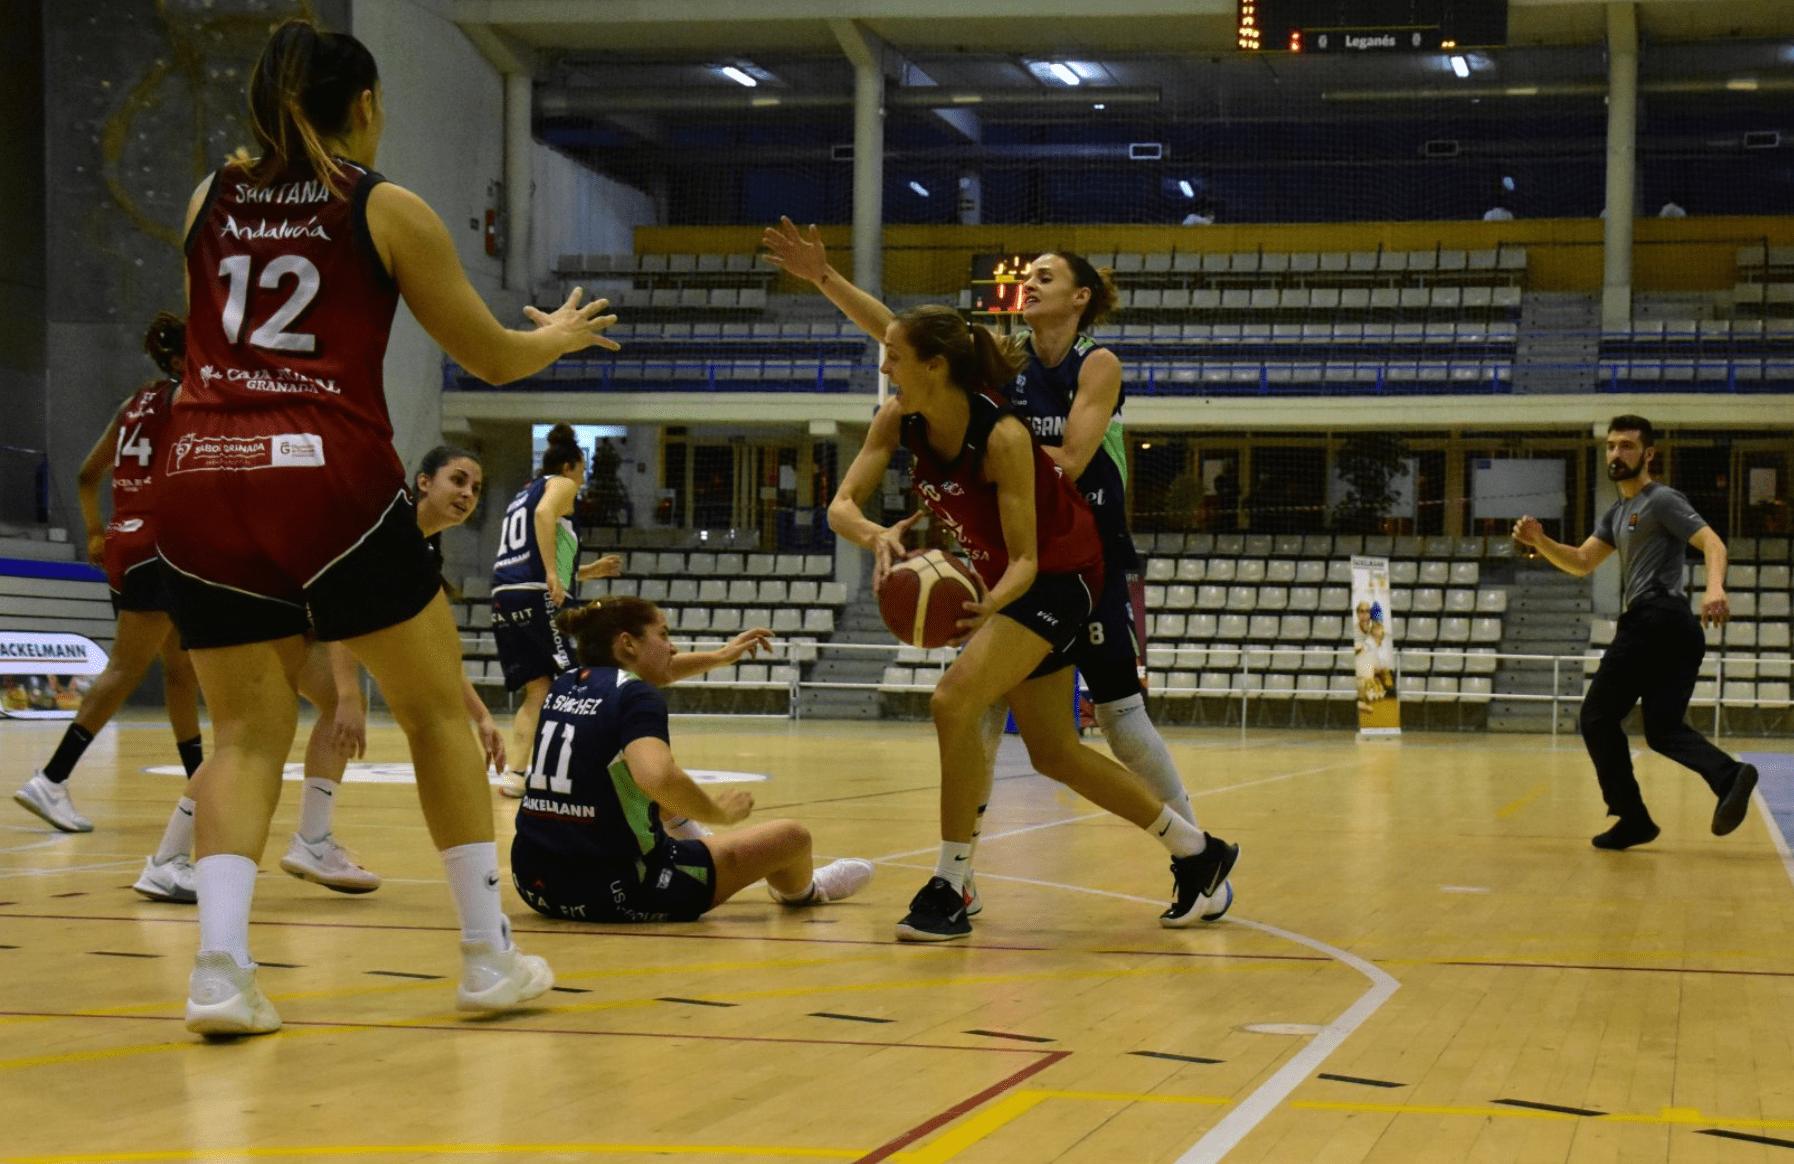 El Grupo Hafesa Granada cae derrotado ante el Ynsadiet Leganés (69-35)